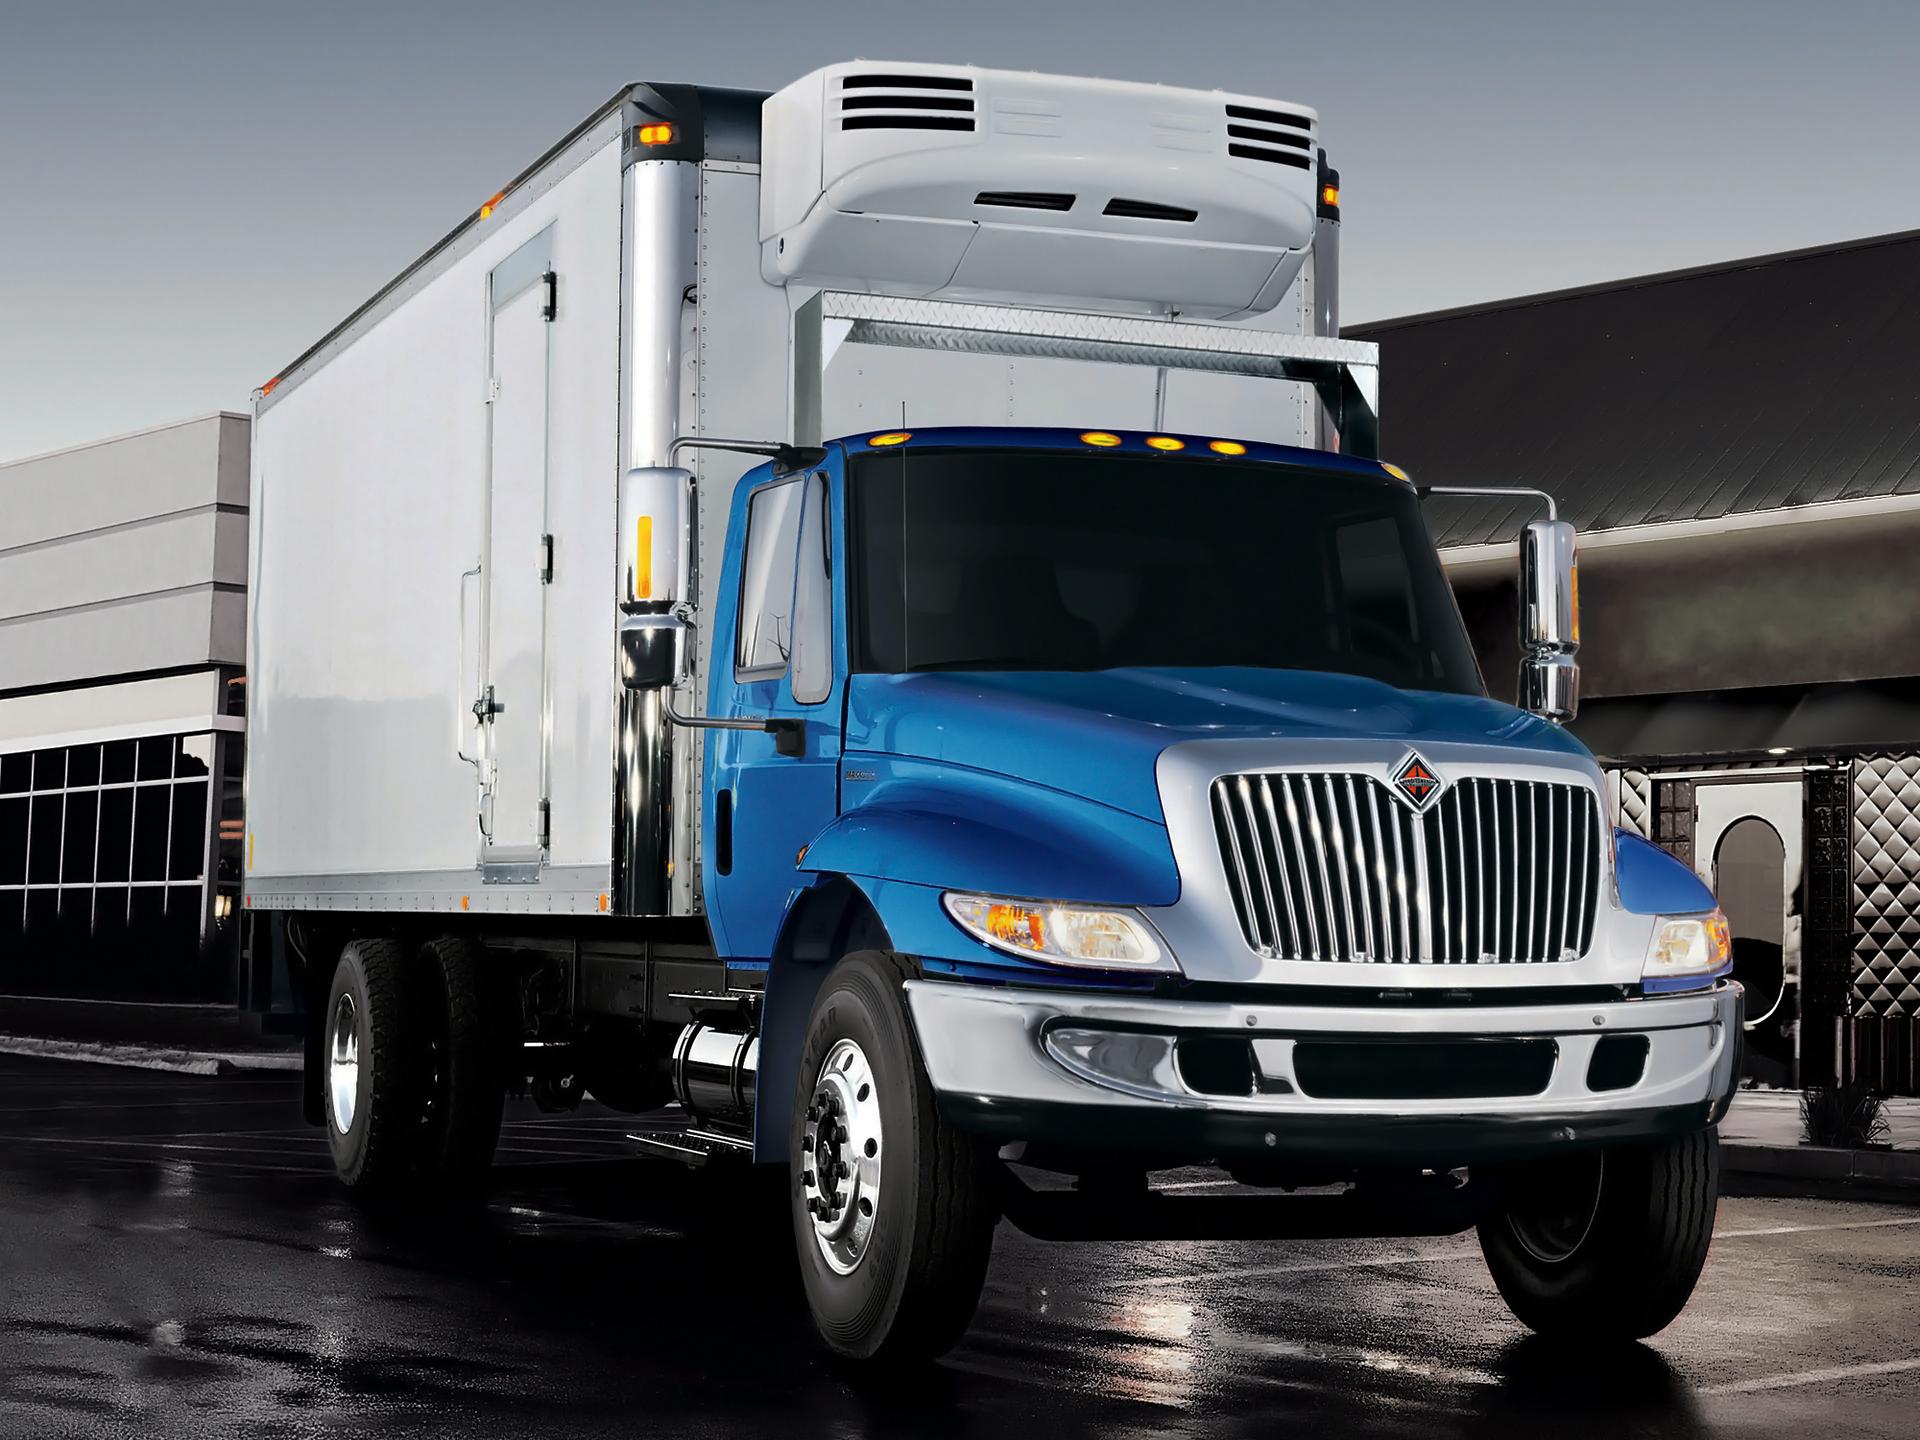 International 4300 Tractor : International durastar semi tractor h wallpaper